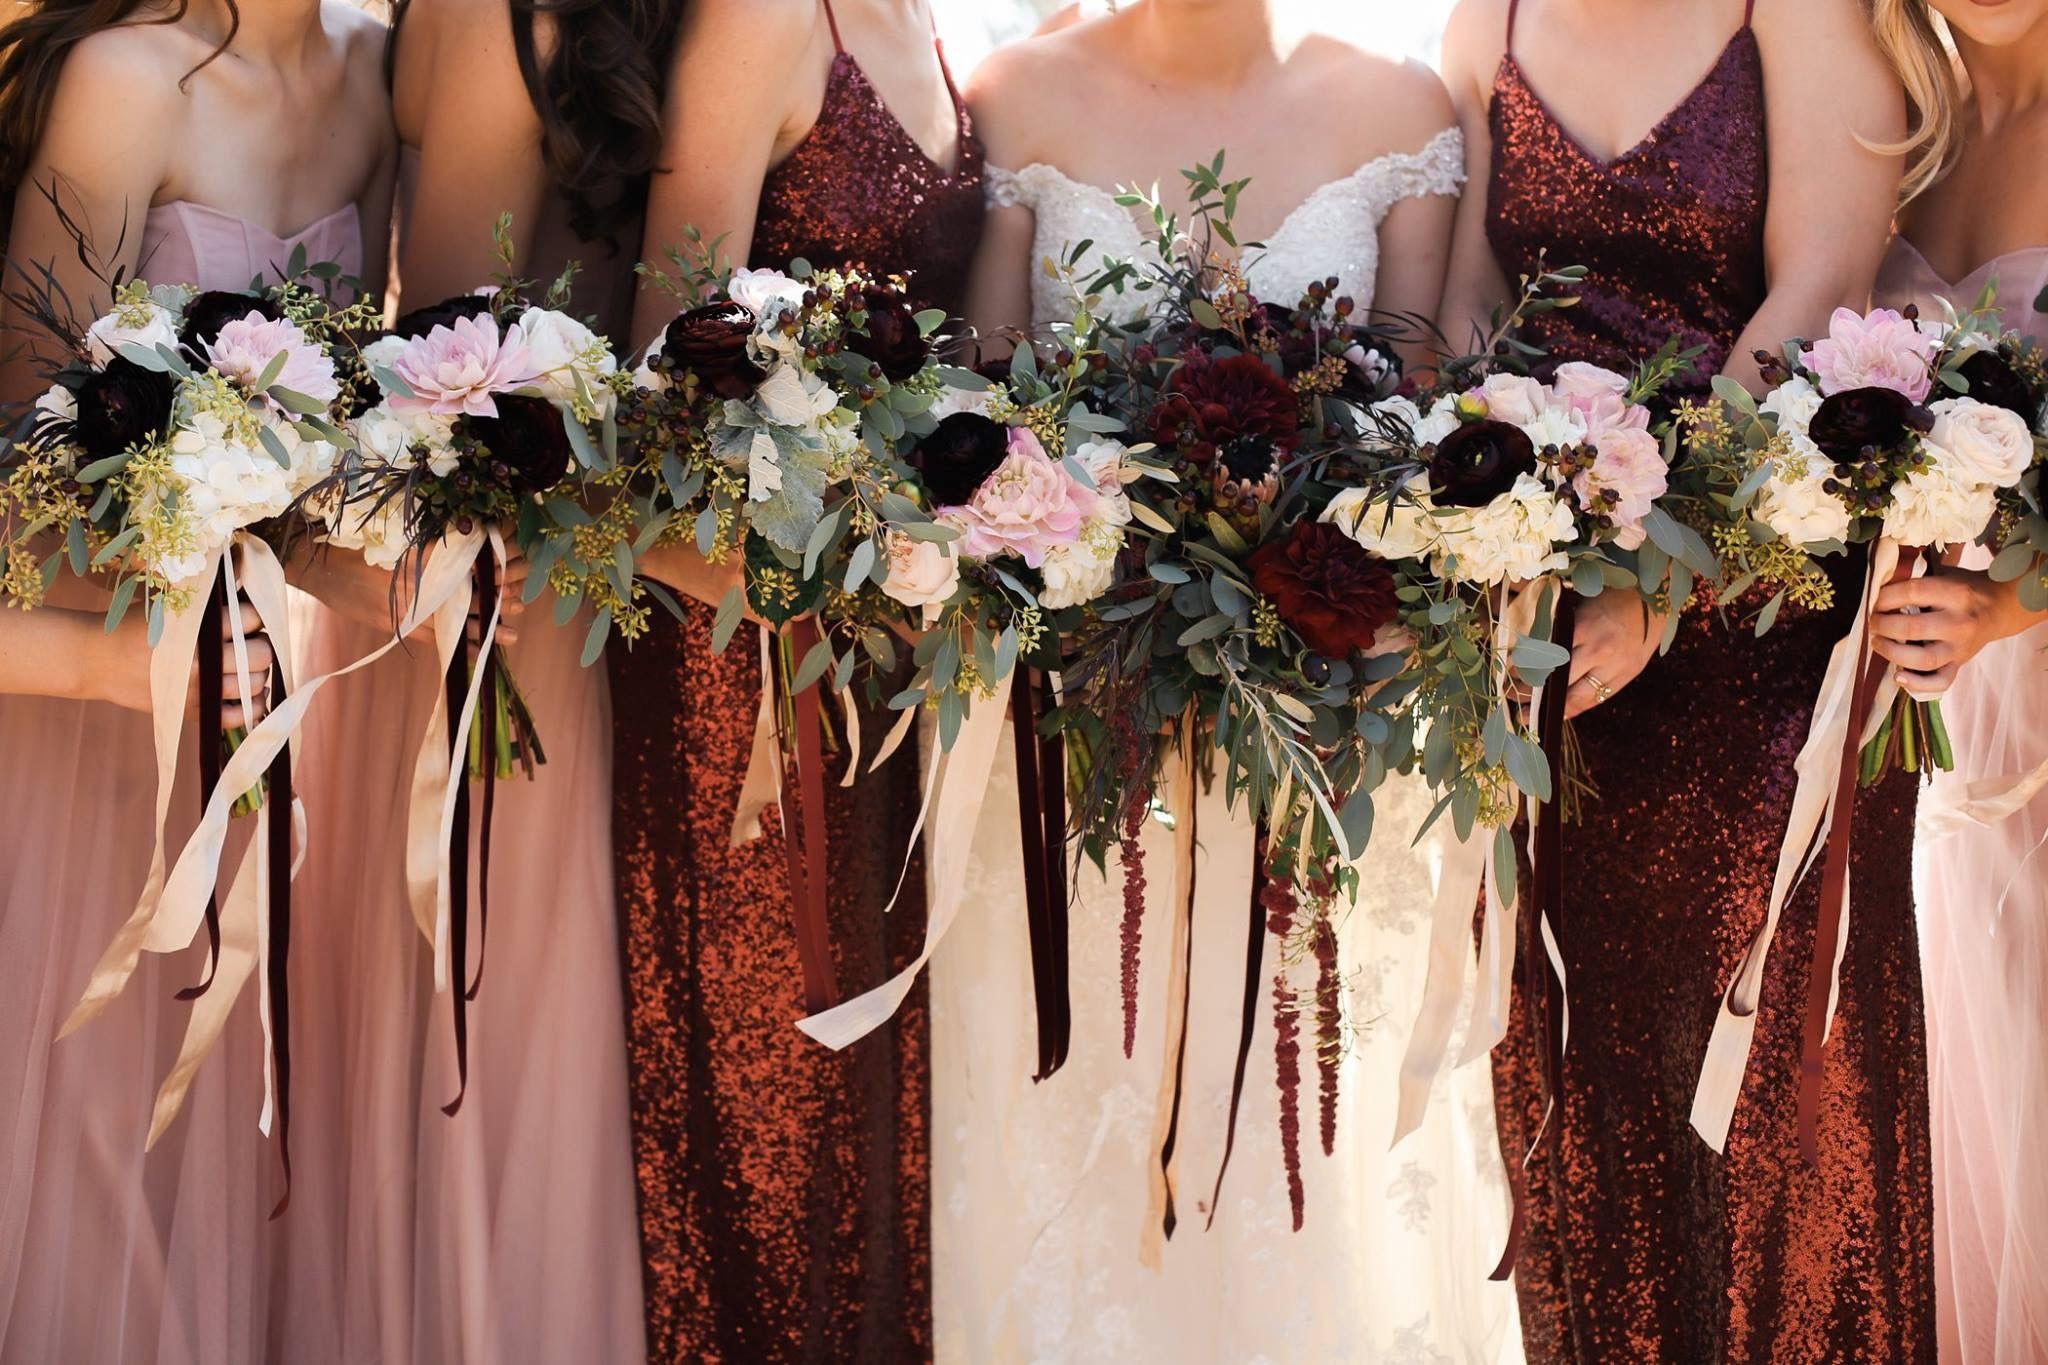 tiny bud vases of awesome jar flower 1h vases bud kuxniya within white barn wedding venue unique wedding wedding flowers unique jar flower 1h vases bud wedding